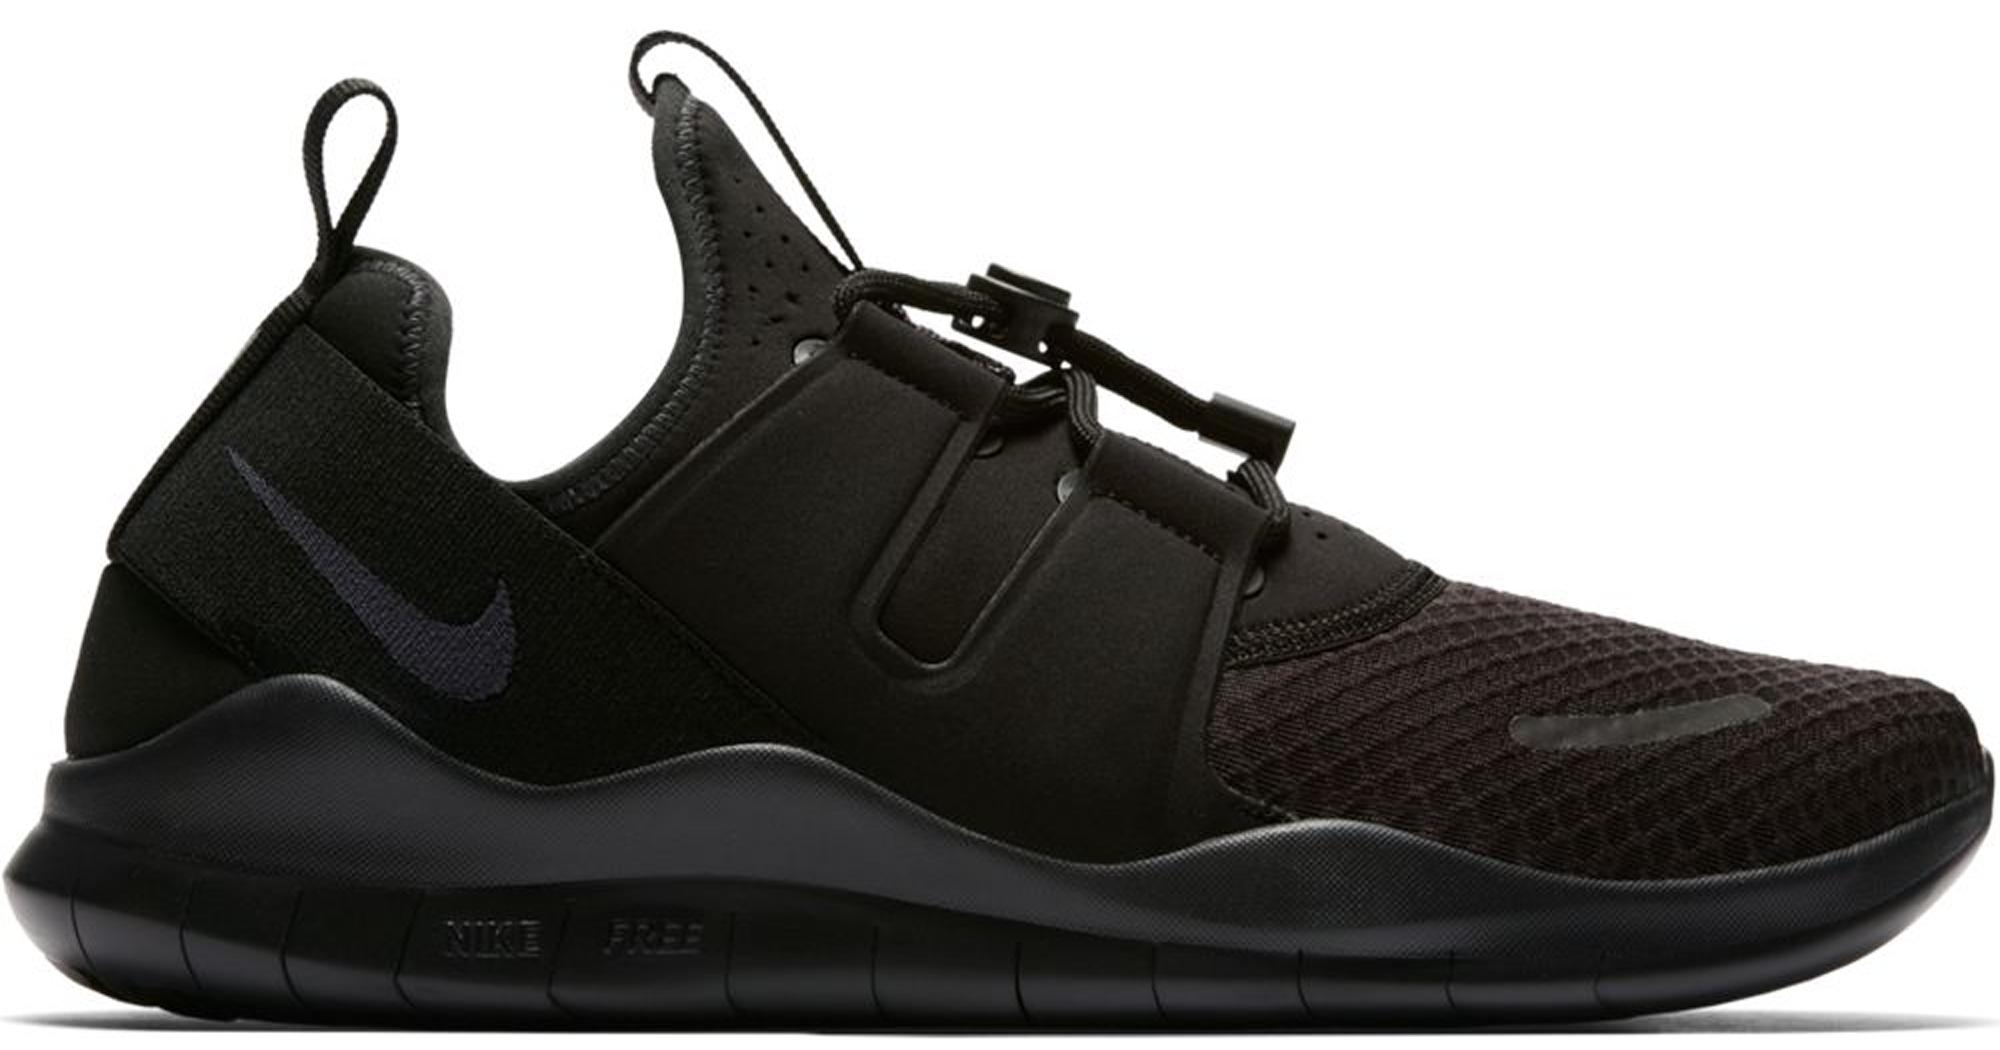 Nike Free RN CMTR 2018 Black Oil Grey